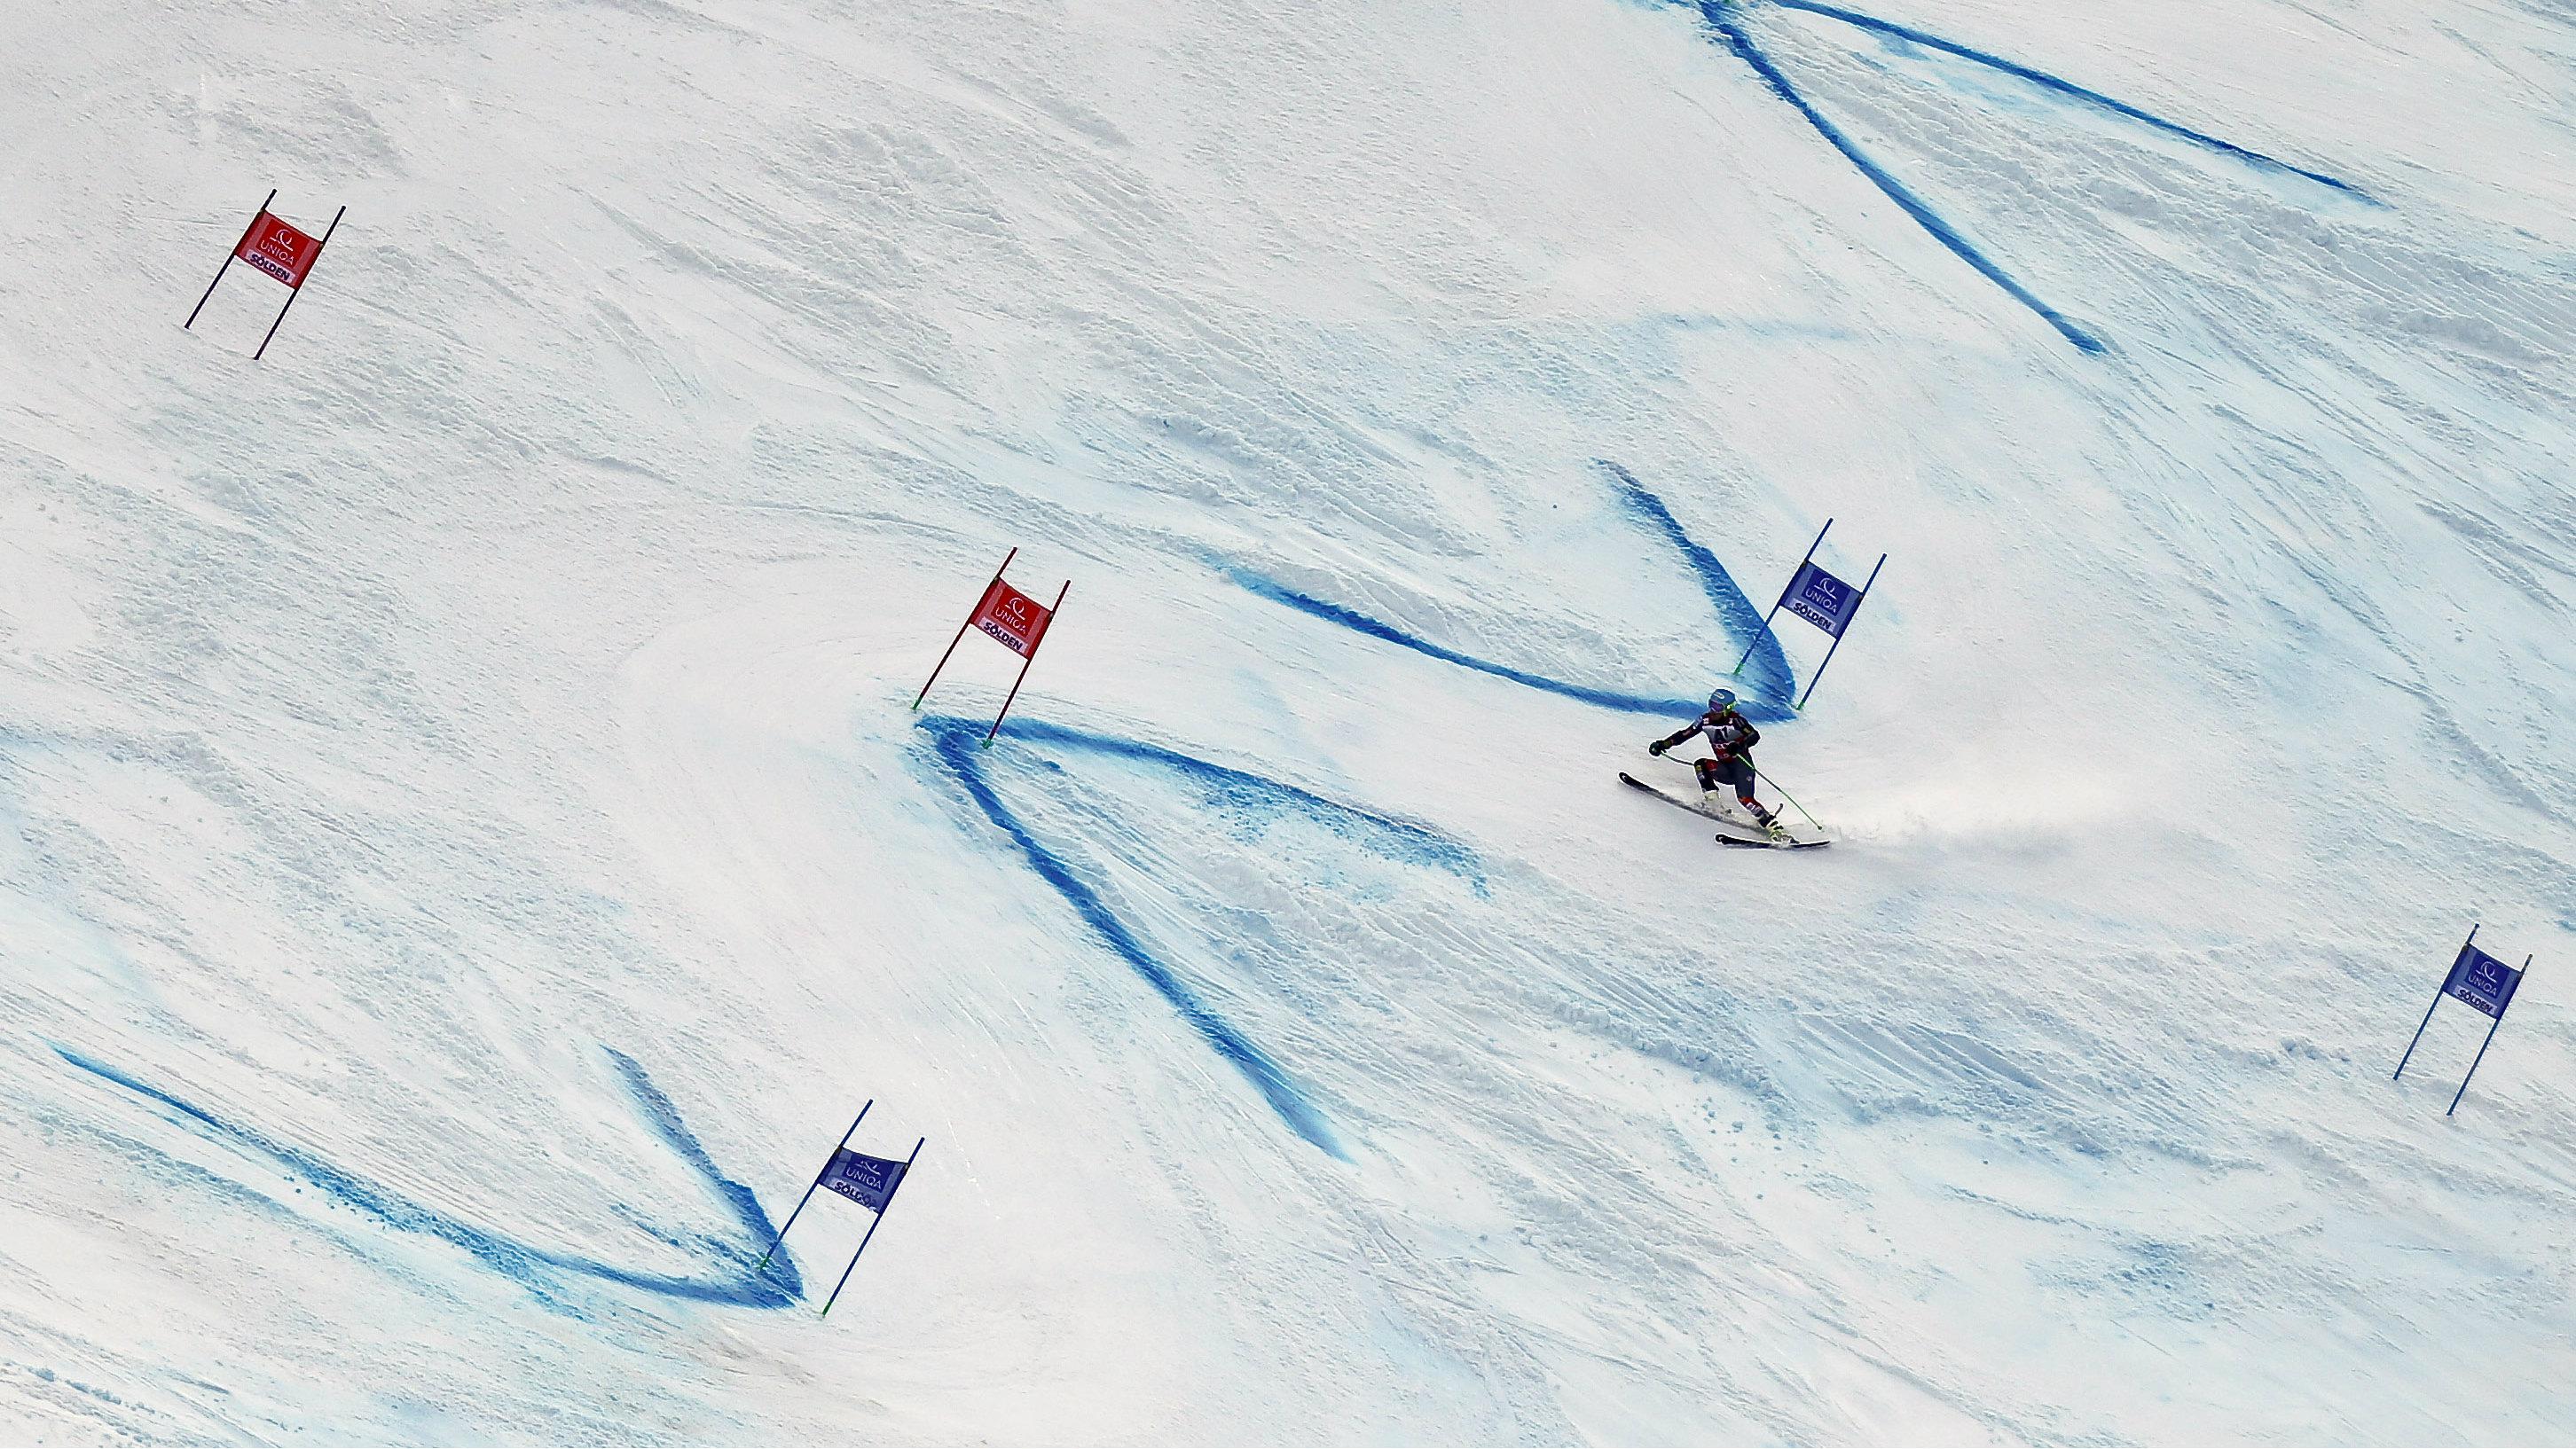 slopeskiing